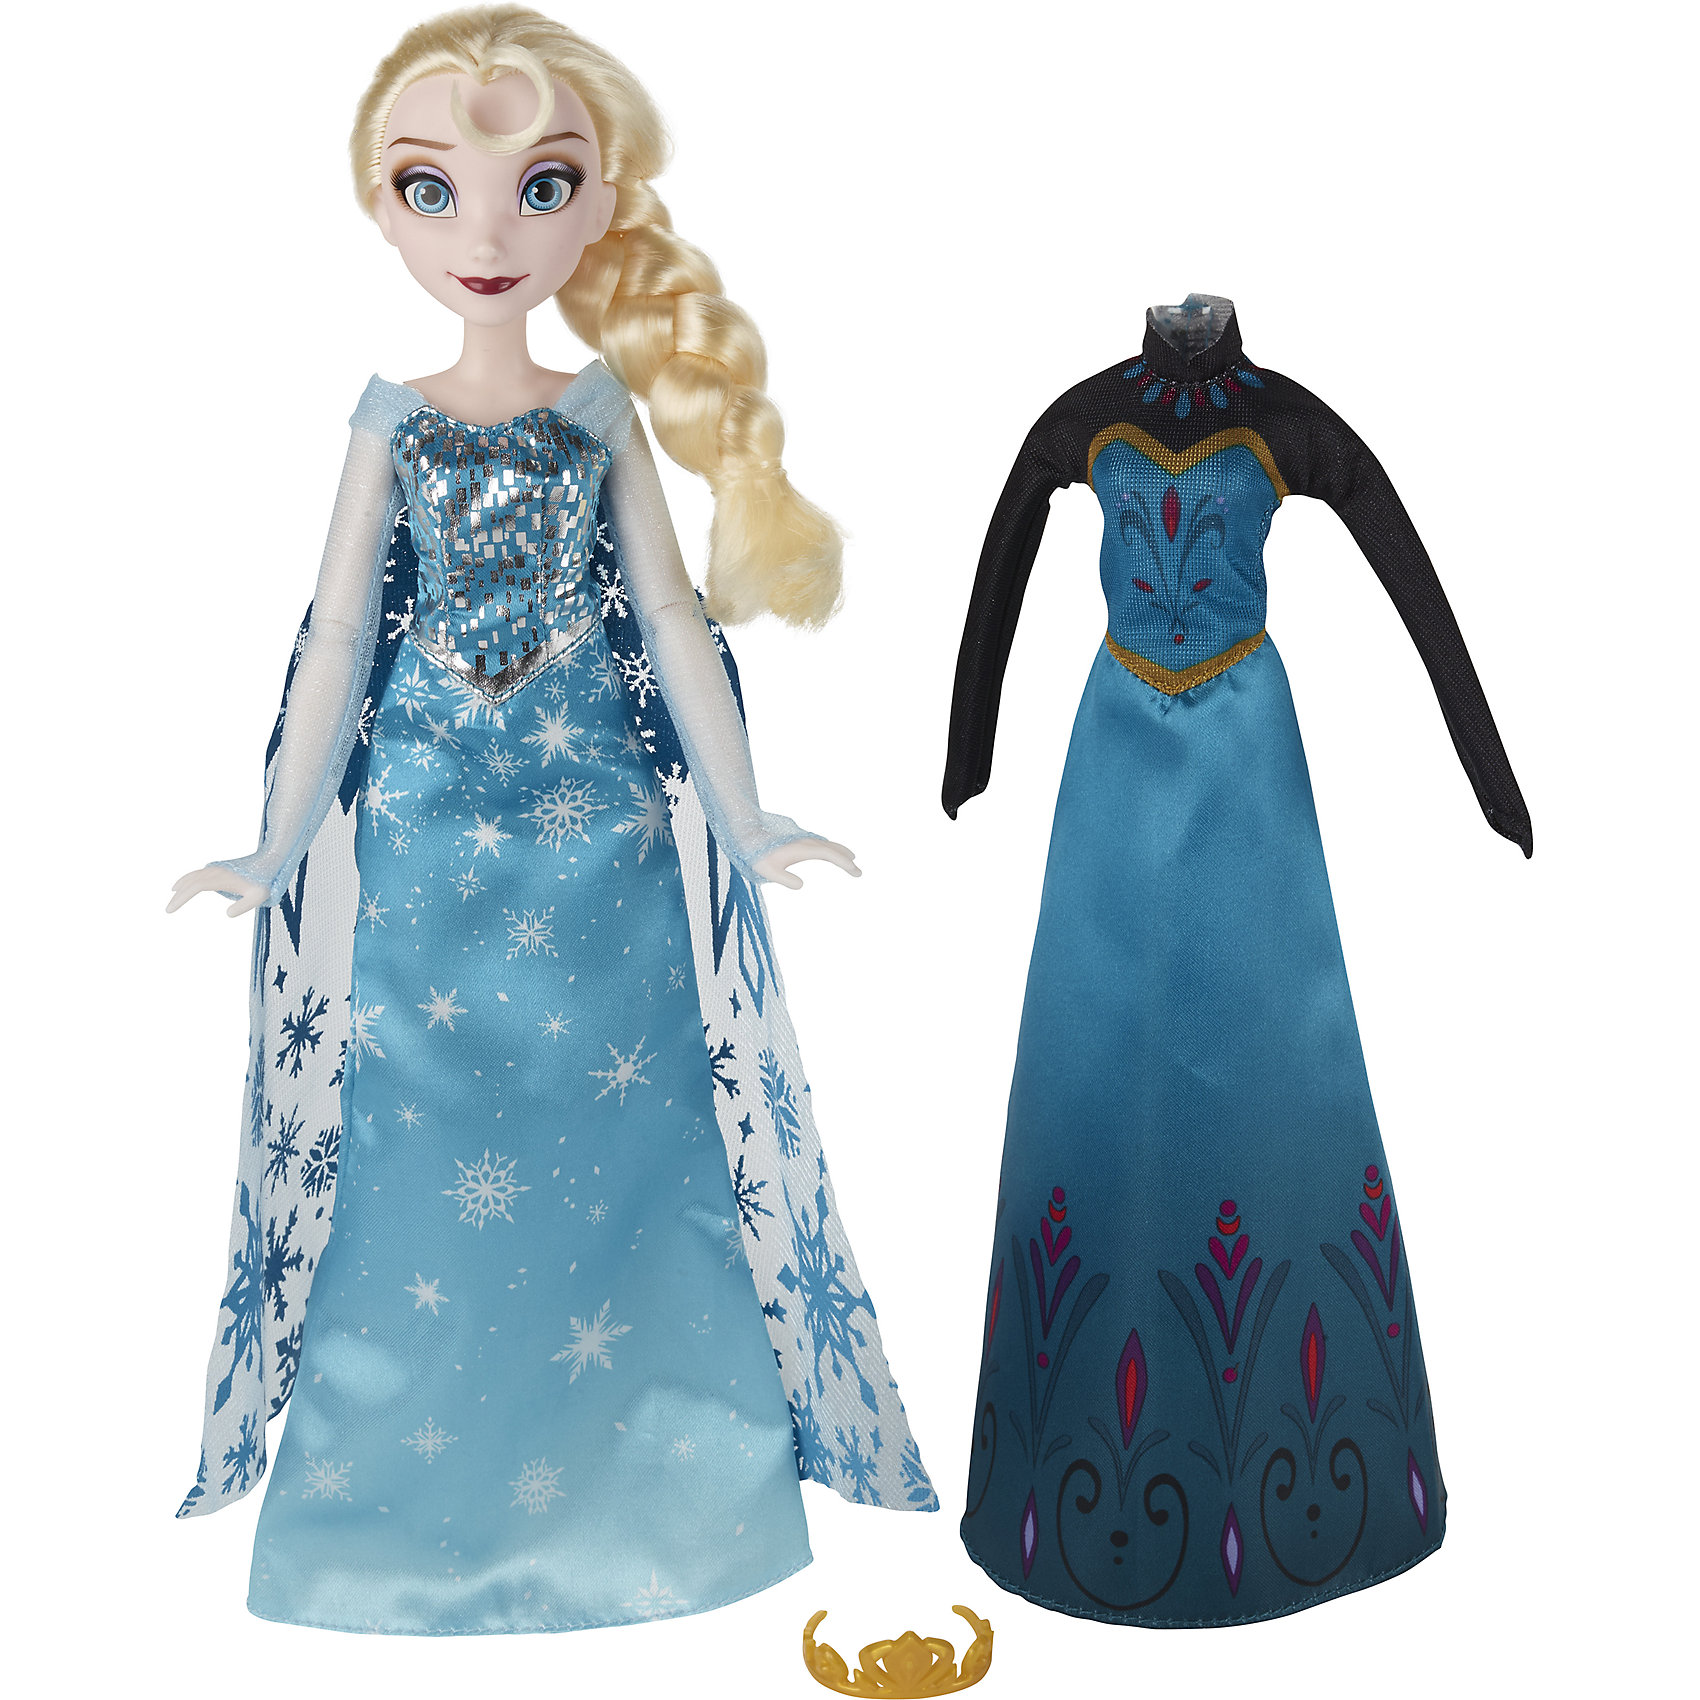 Hasbro Кукла Эльза, со сменным нарядом, Холодное сердце настольные игры hasbro операция холодное сердце